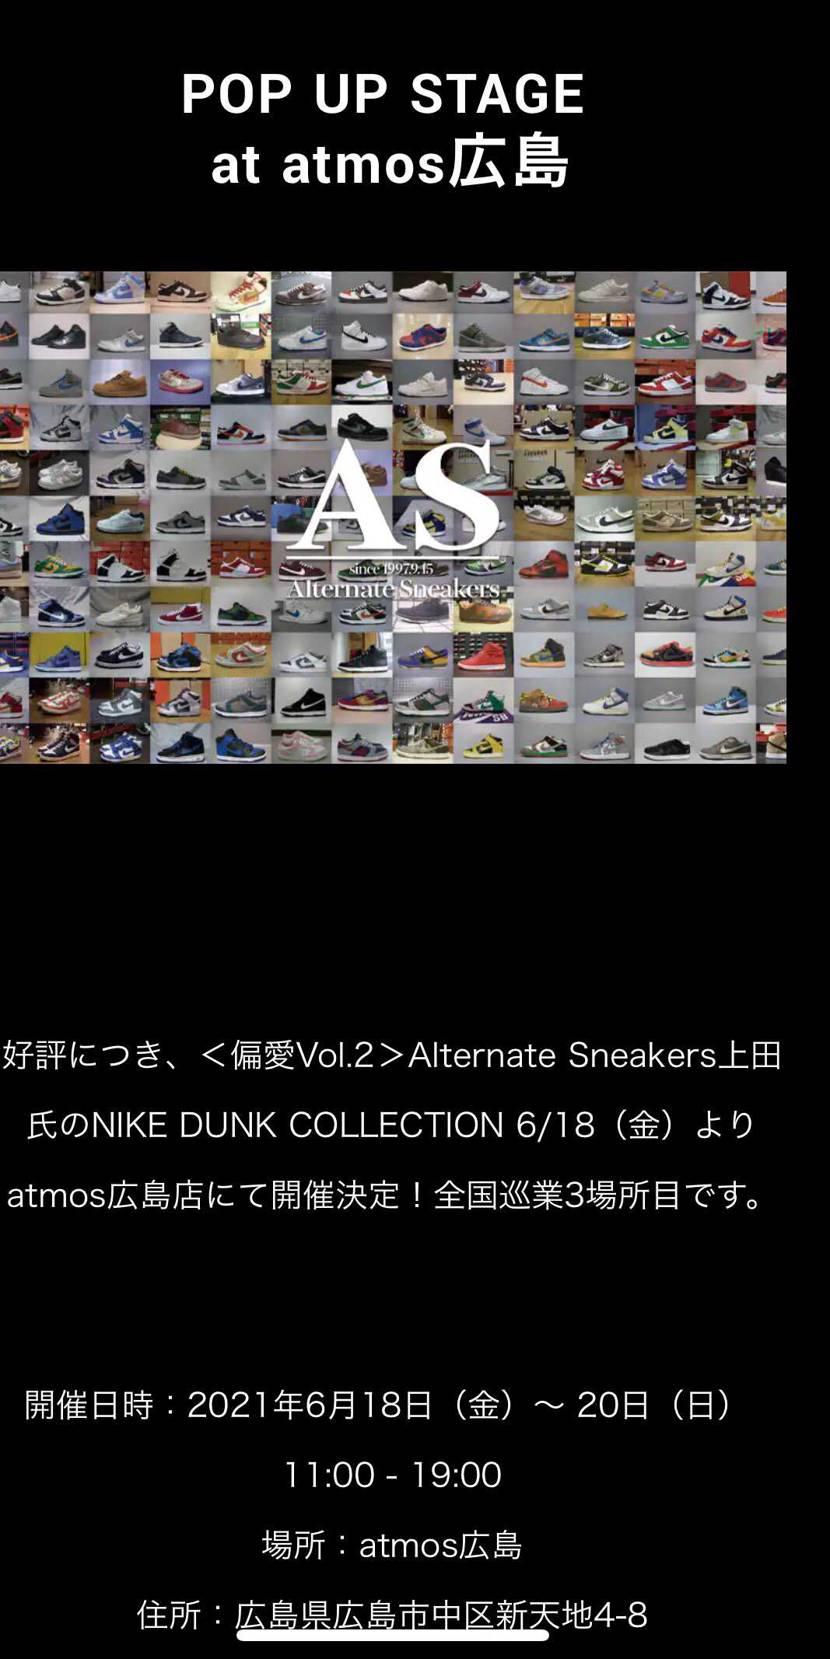 広島Atmosにてダンク祭りが開催されてまーす! んでもってアトモスの本明社長